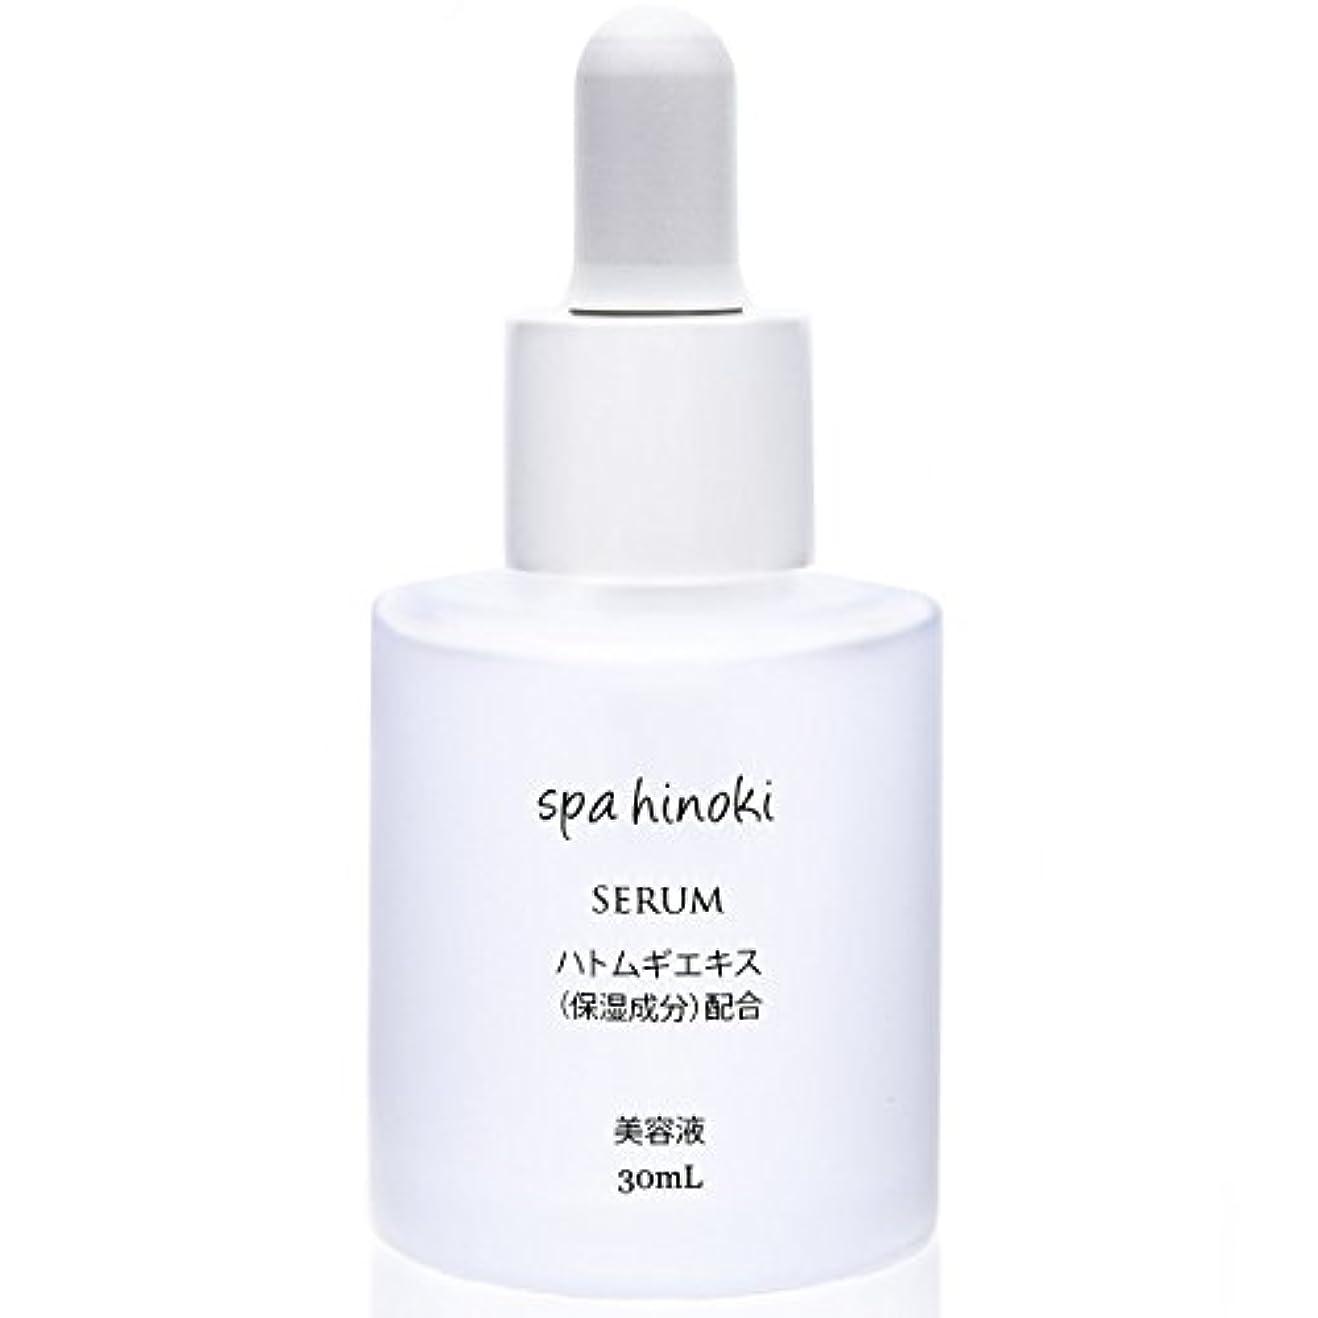 男式電気的spa hinoki ハトムギエキス(保湿成分) 配合美容液 30ml